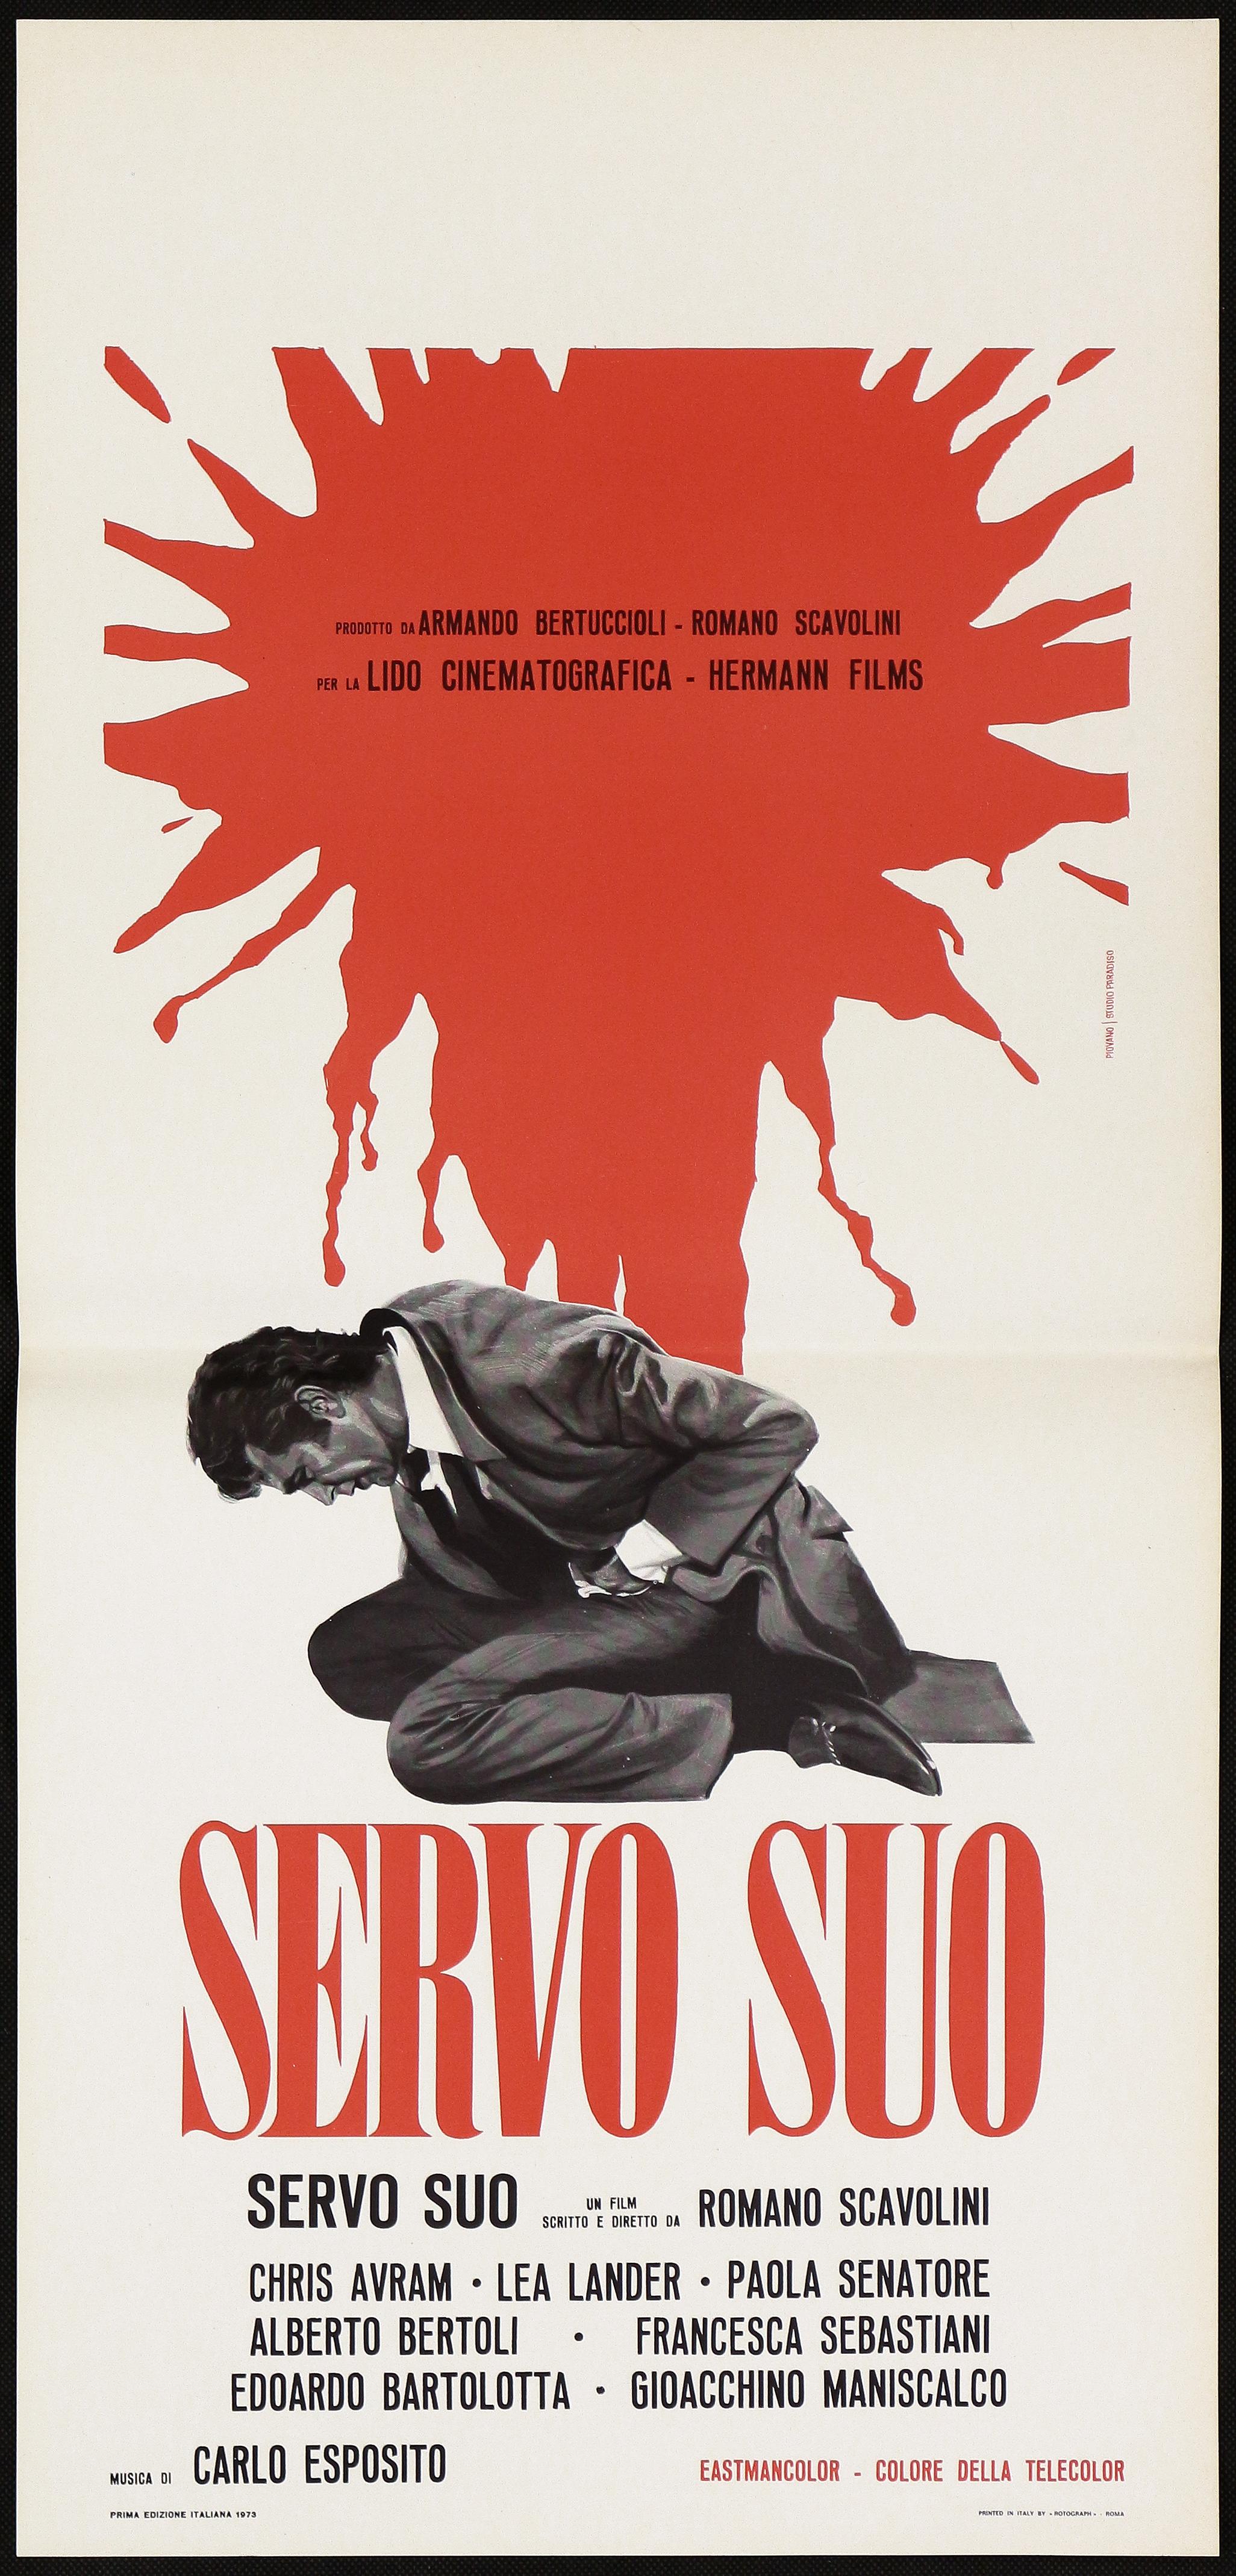 Paola Senatore dettagli su servo suo locandina cinema thriller piovano paola senatore 1973 playbill poster